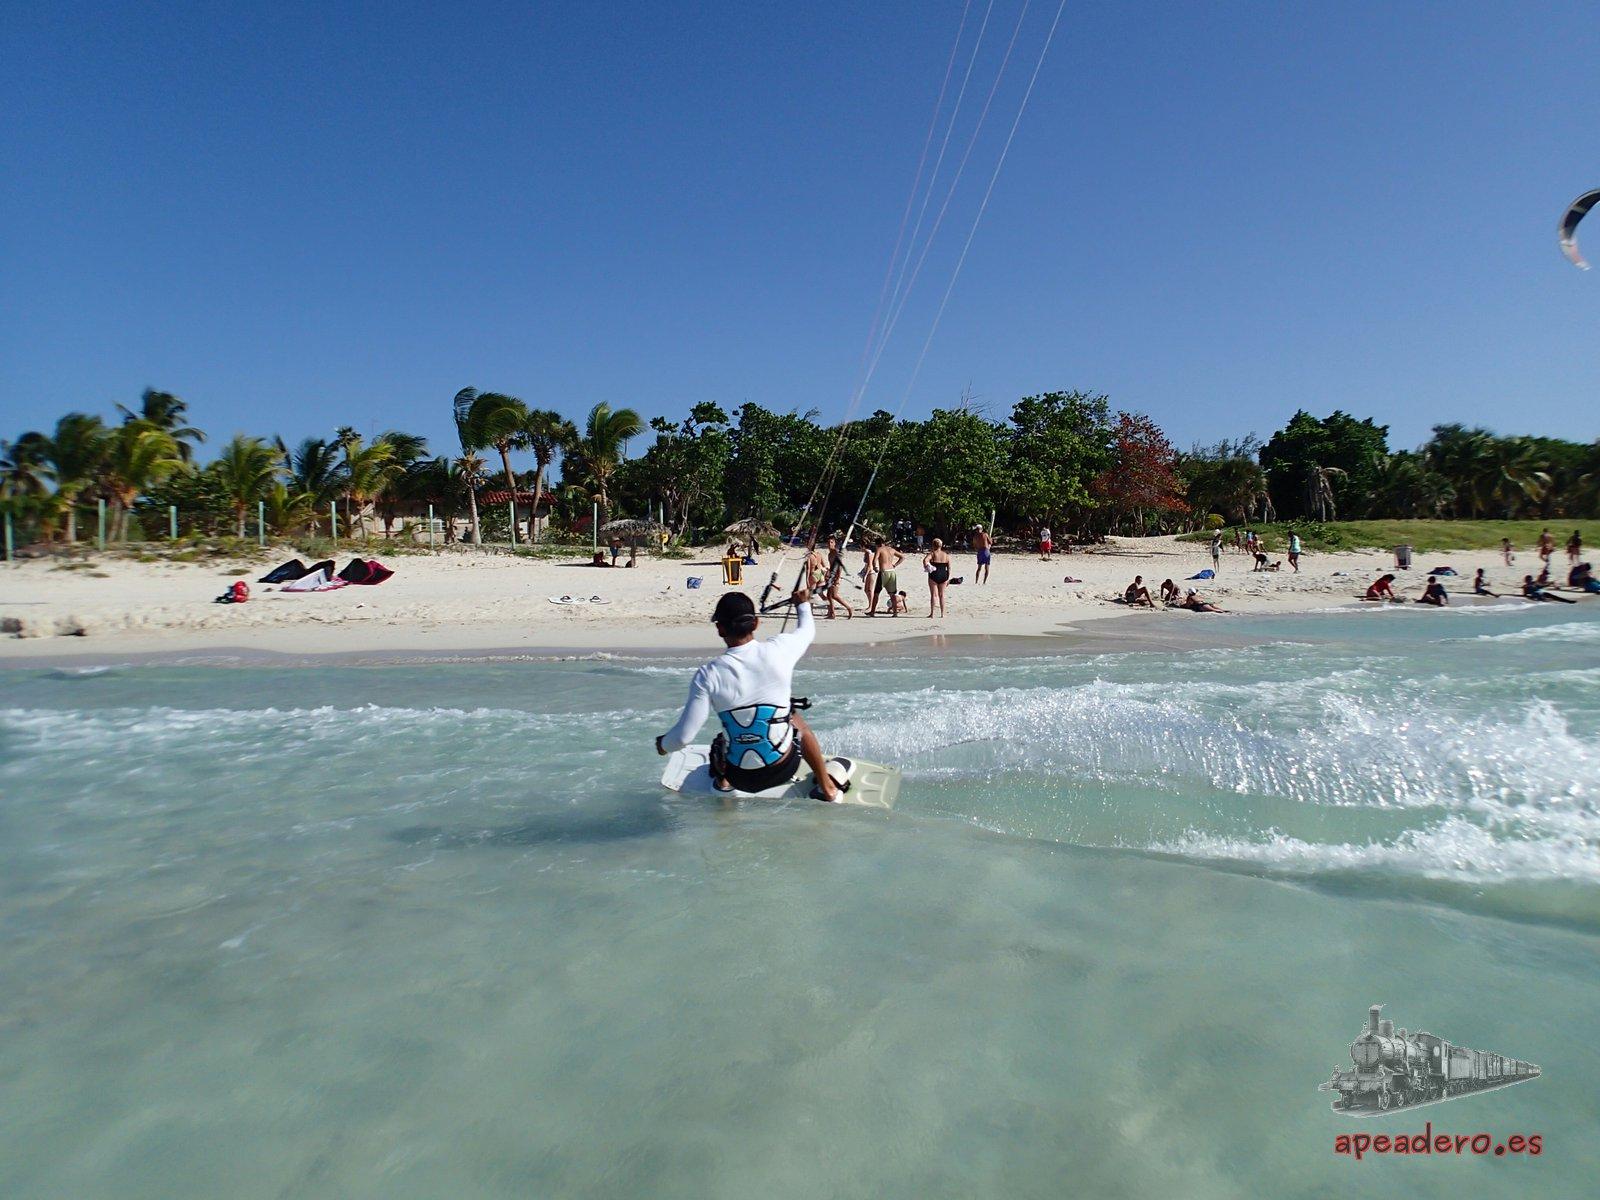 Te enamorarás de Cuba por sus playas, de arenas blancas y finas, aguas transparentes y con posibilidades infinitas.